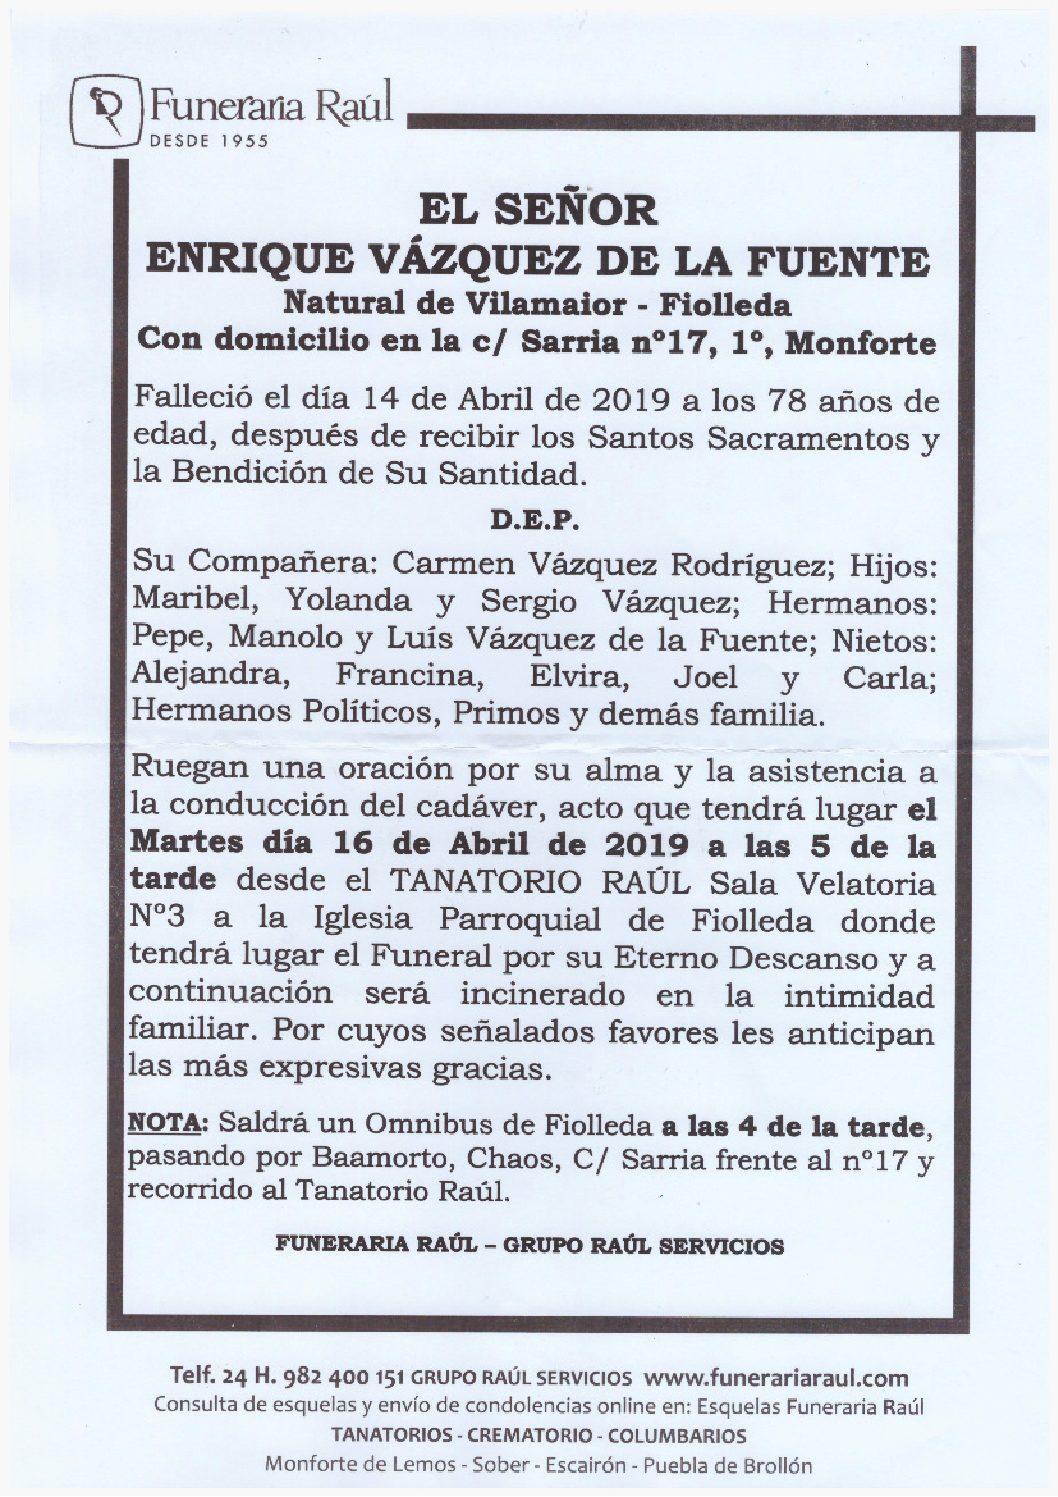 DON ENRIQUE VAZQUEZ DE LA FUENTE